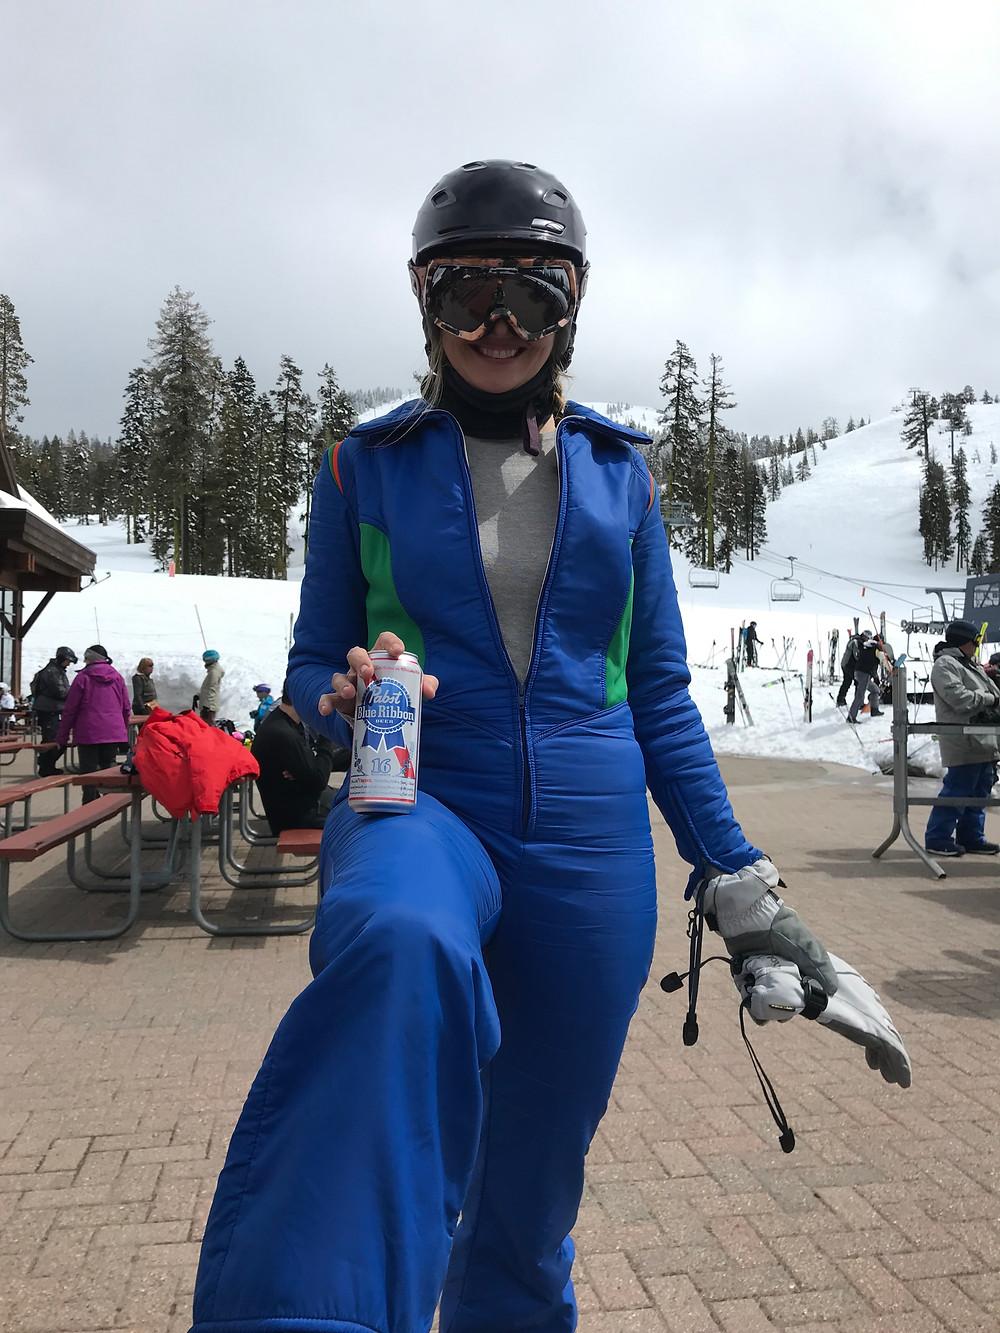 circa 1973 ski suit